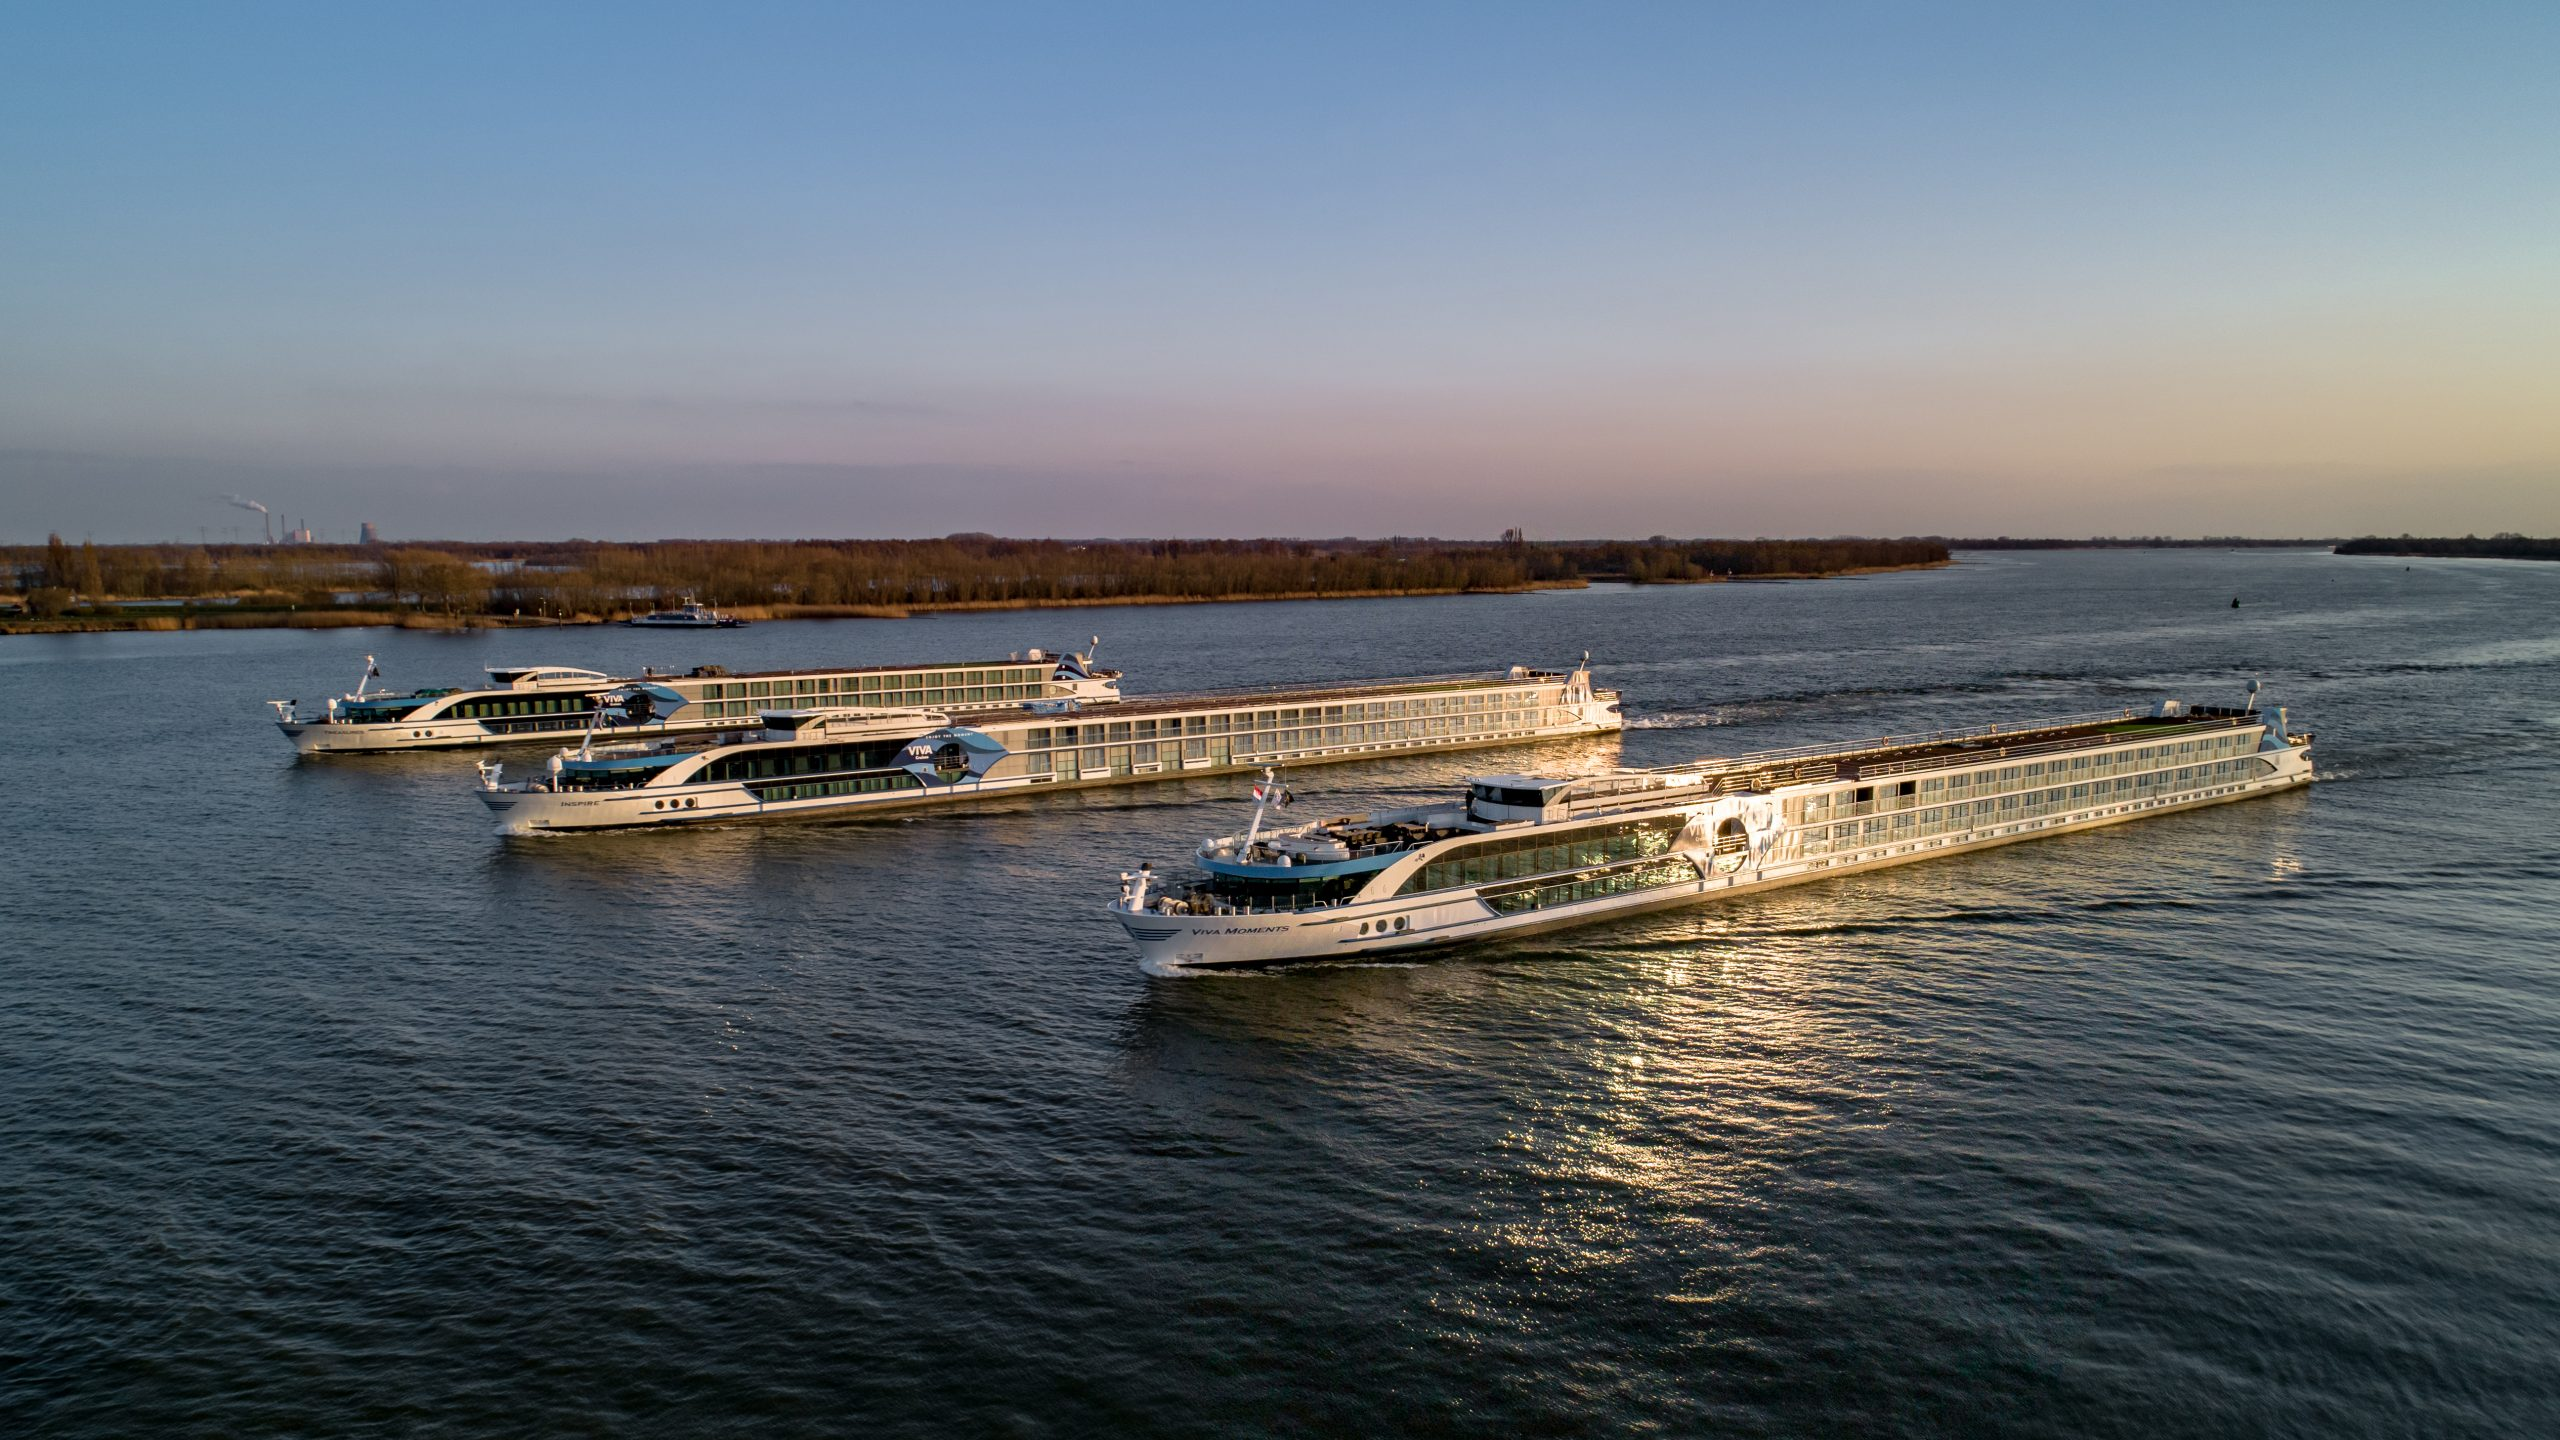 VIVA Cruises kommt mit zwei Neubauten und zwei weiteren Schiffe, die Flotte besteht in 2022 dann aus insgesamt sieben Schiffen